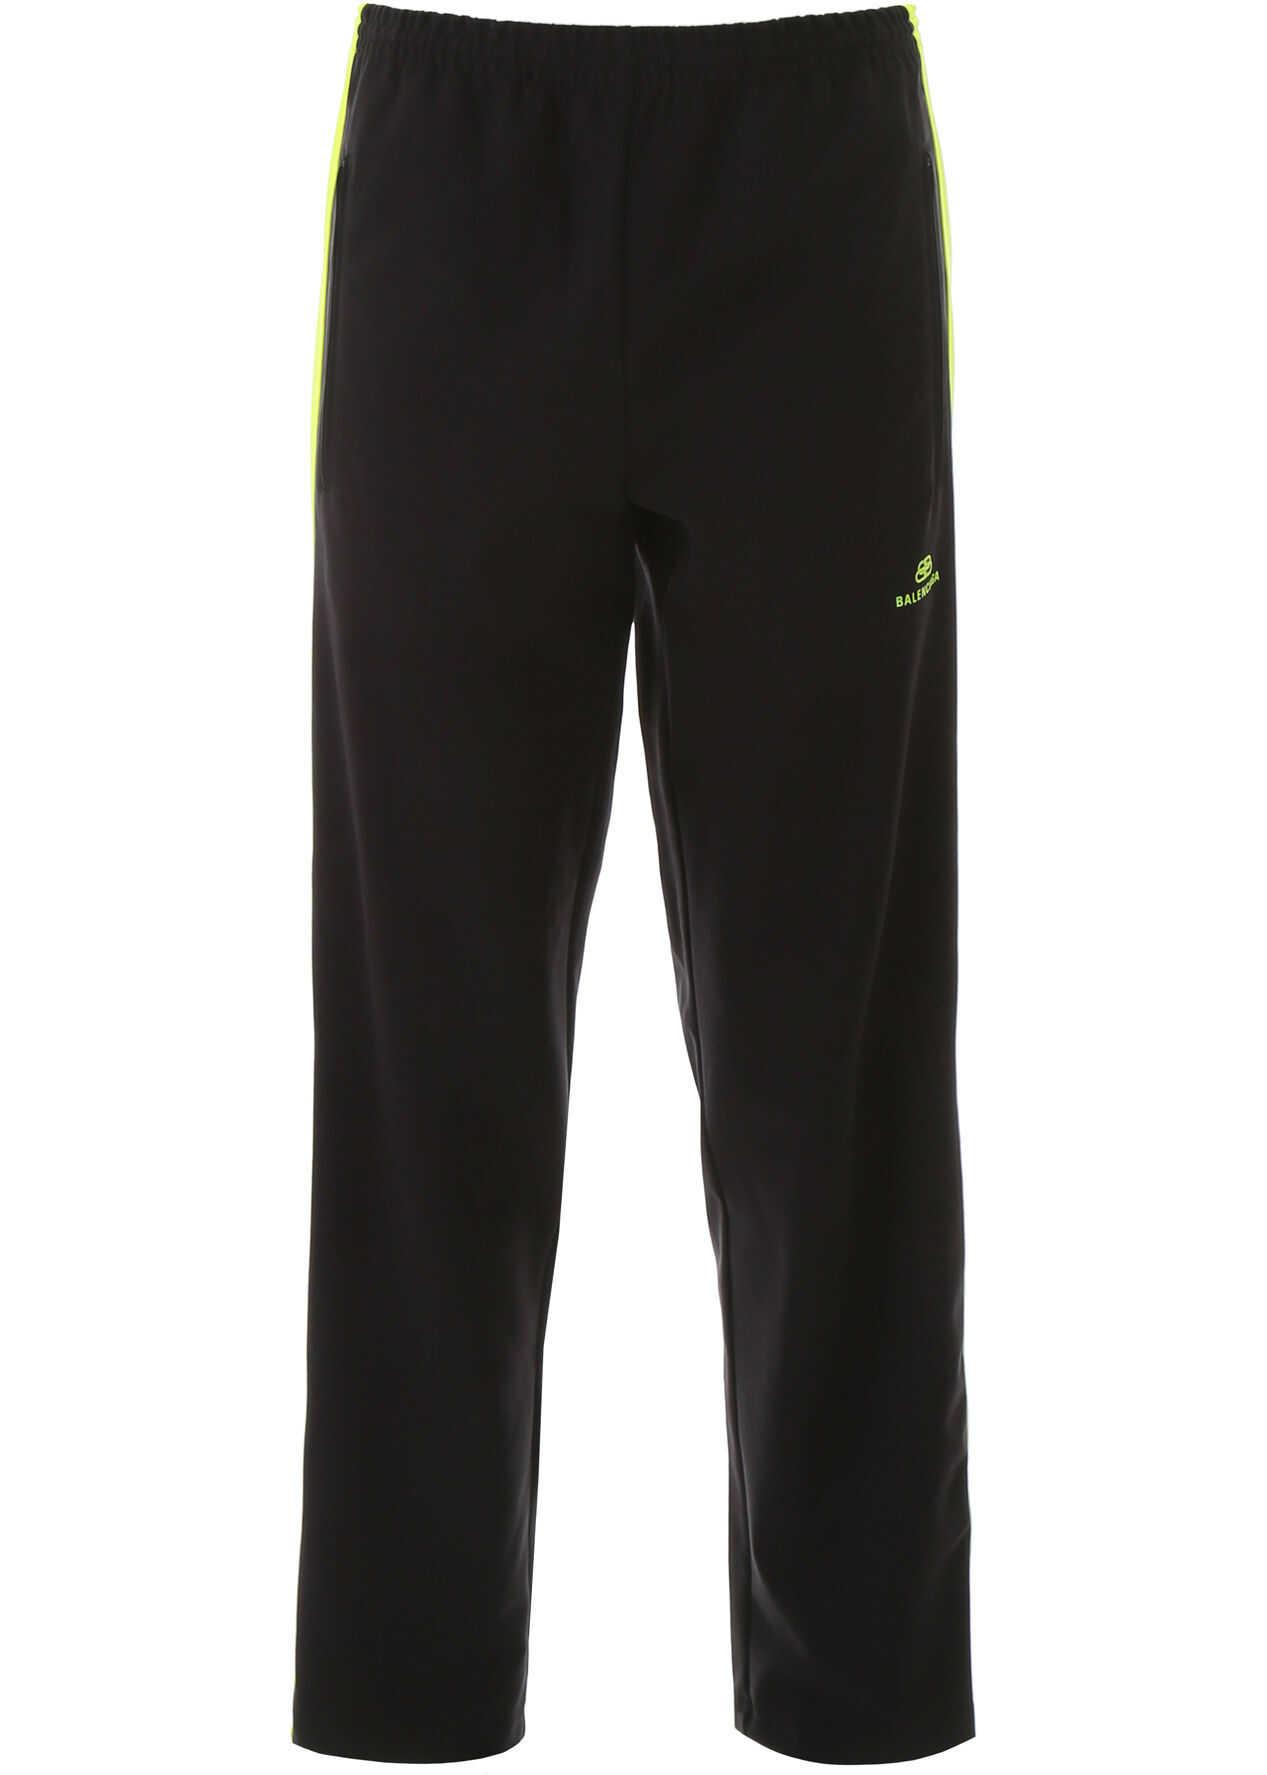 Balenciaga Jersey Joggers BLACK FLUO YELLOW